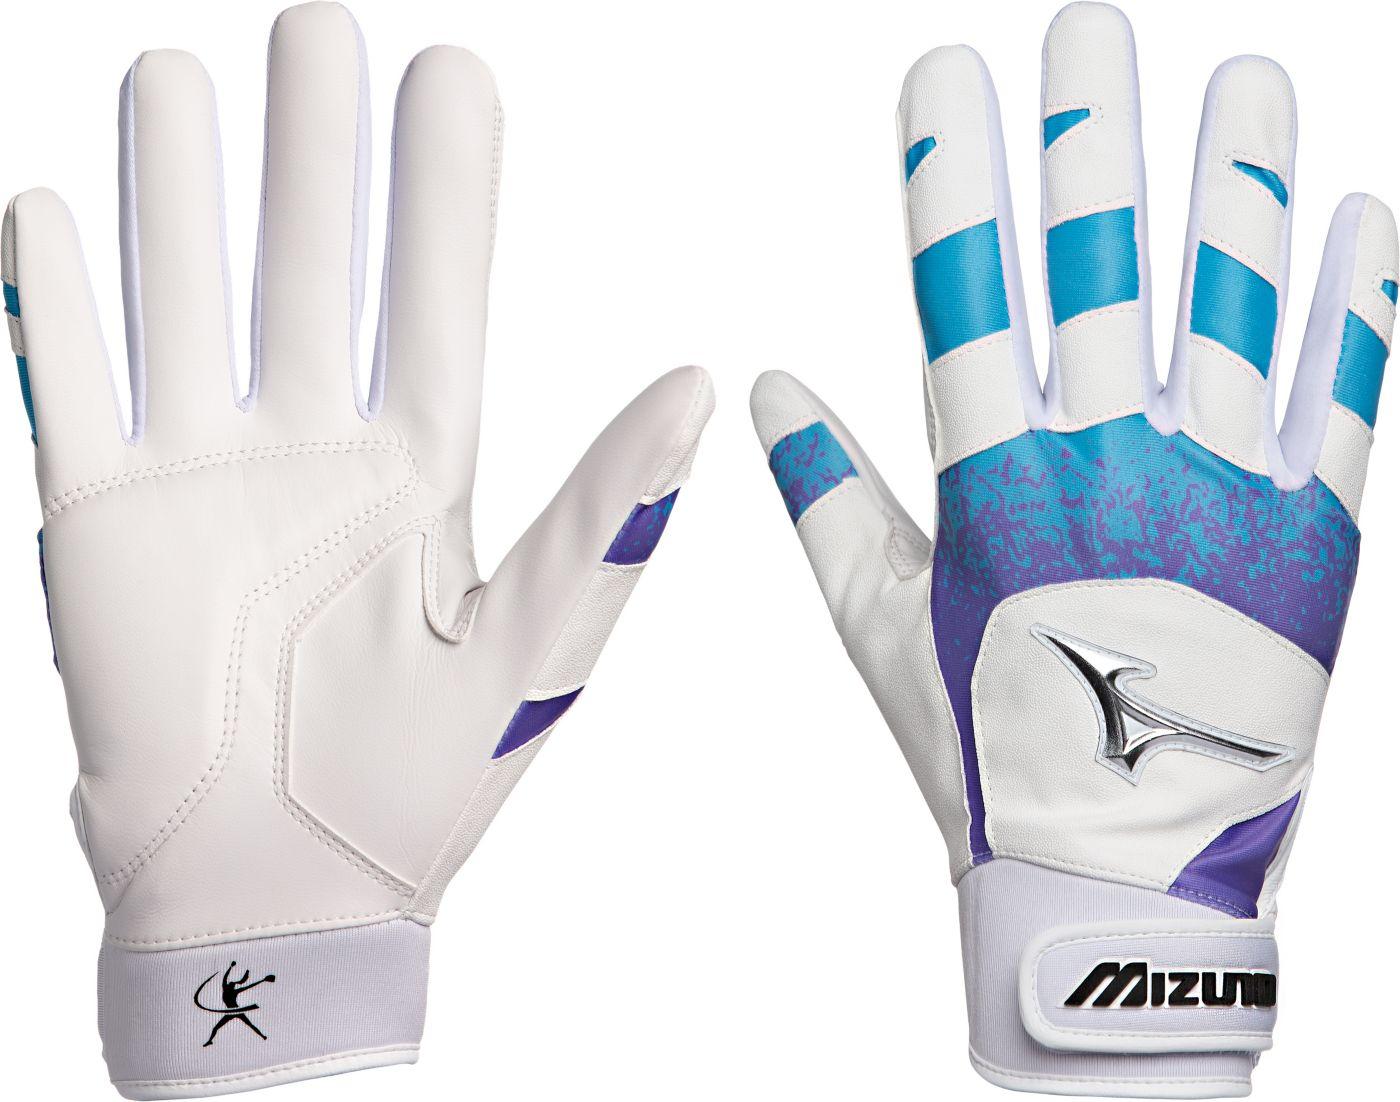 Mizuno Jennie Finch Fastpitch Batting Gloves